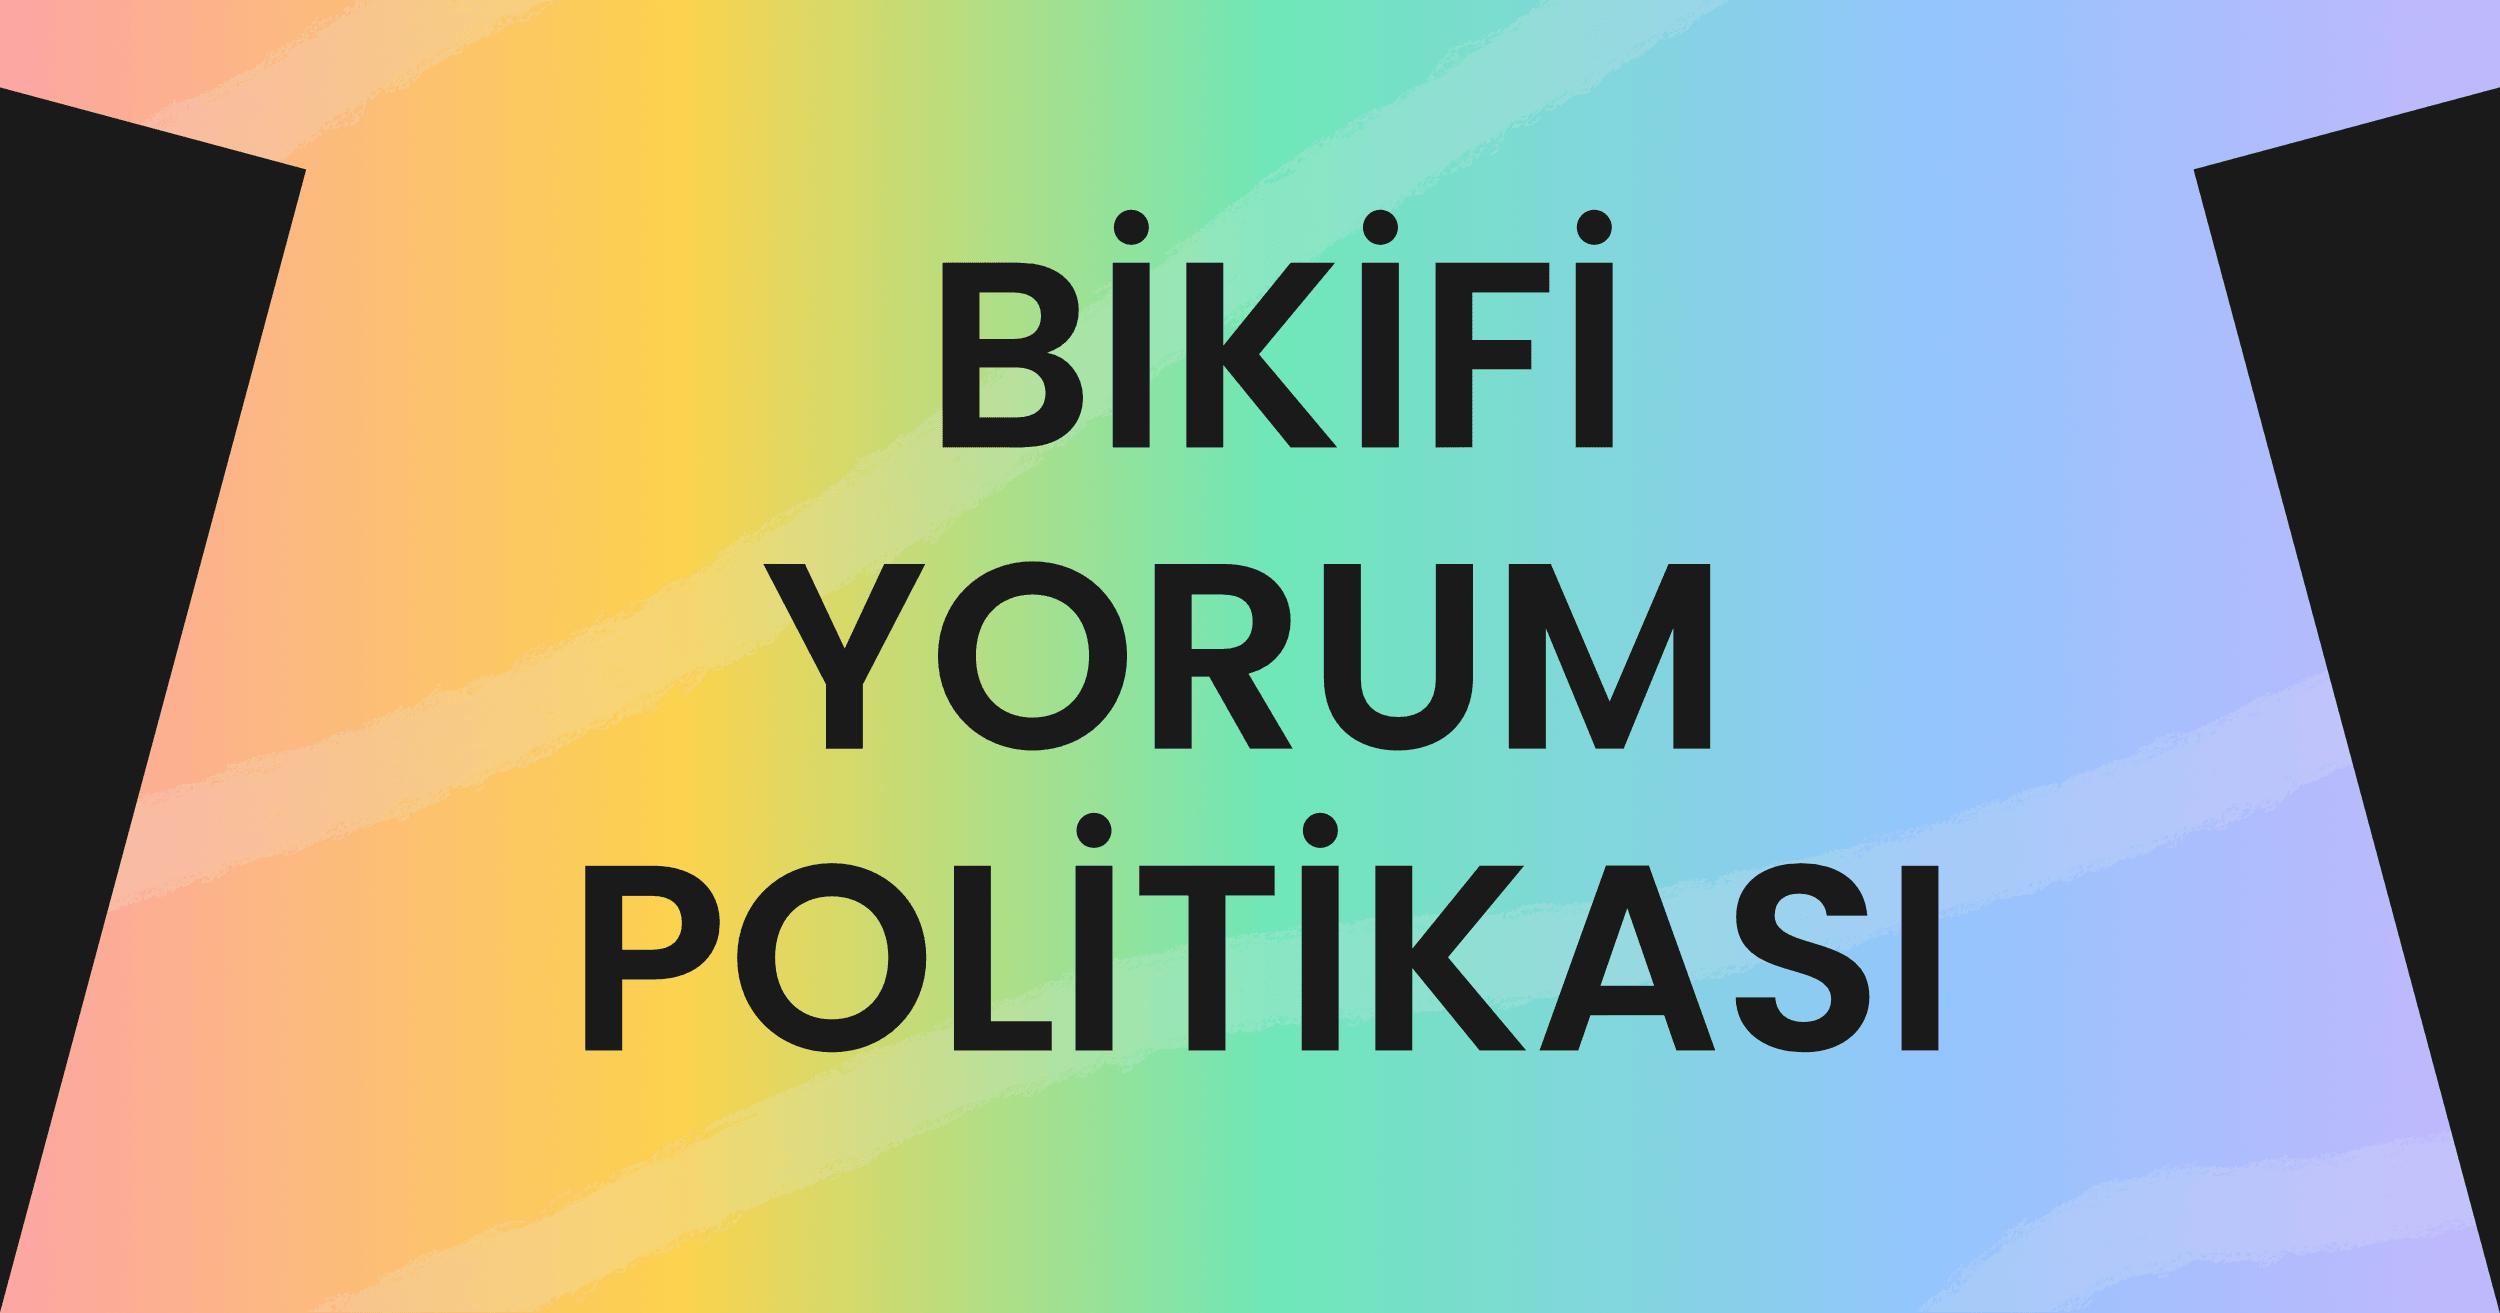 Bikifi Yorum Politikası